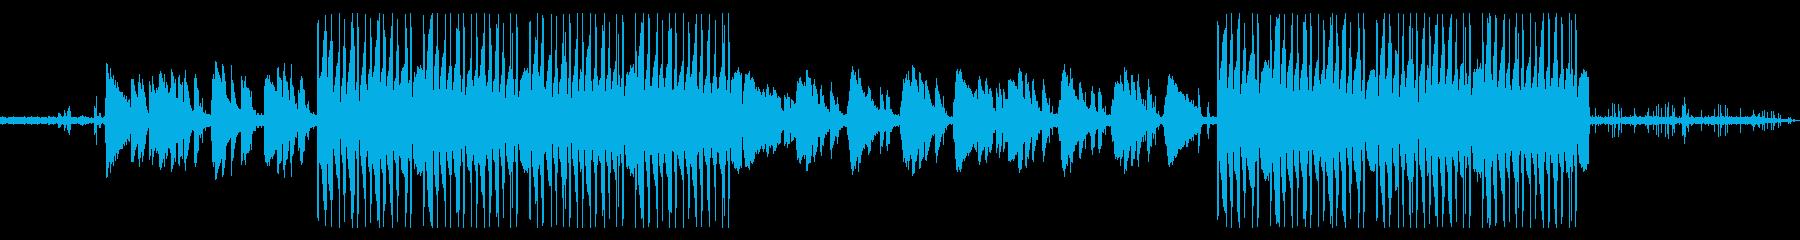 ローファイヒップホップ/韓国系VLOGの再生済みの波形